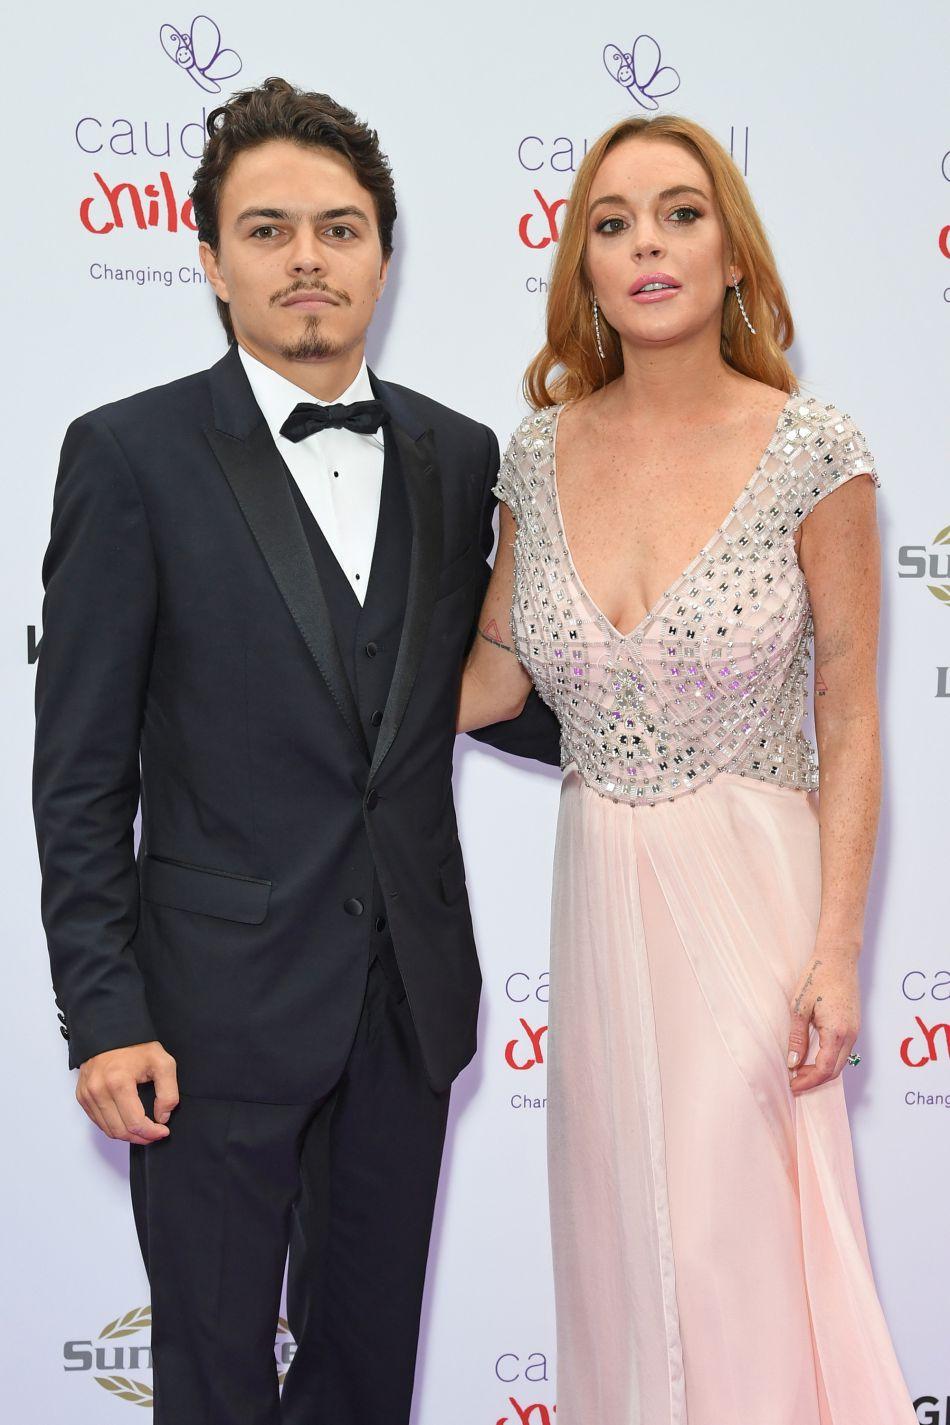 """Lindsay Lohan et son compagnon Egor Tarabasov au """"Butterfly Ball"""" au profit de l'association caritative """"Caudwell Children"""" au Grosvenor House Hotel à Londres le 22 juin 2016."""